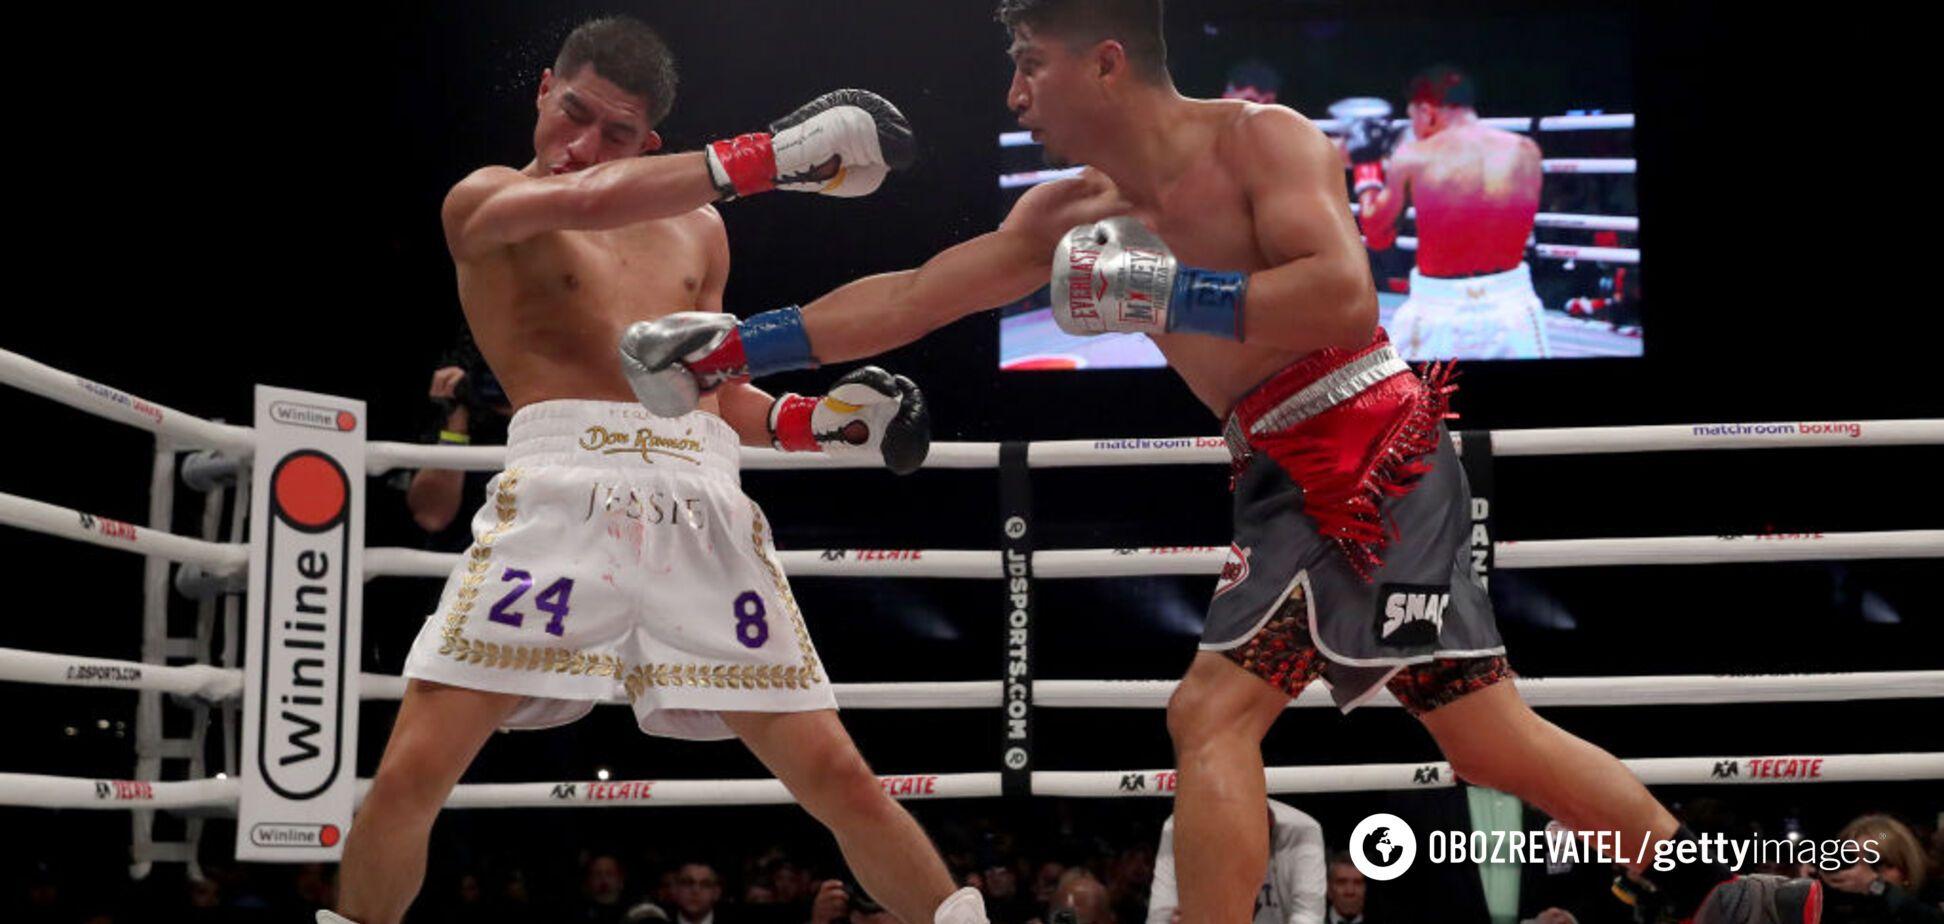 Майкі Гарсія з нокдауном переміг Джессі Варгаса та став 'діамантовим' чемпіоном WBC